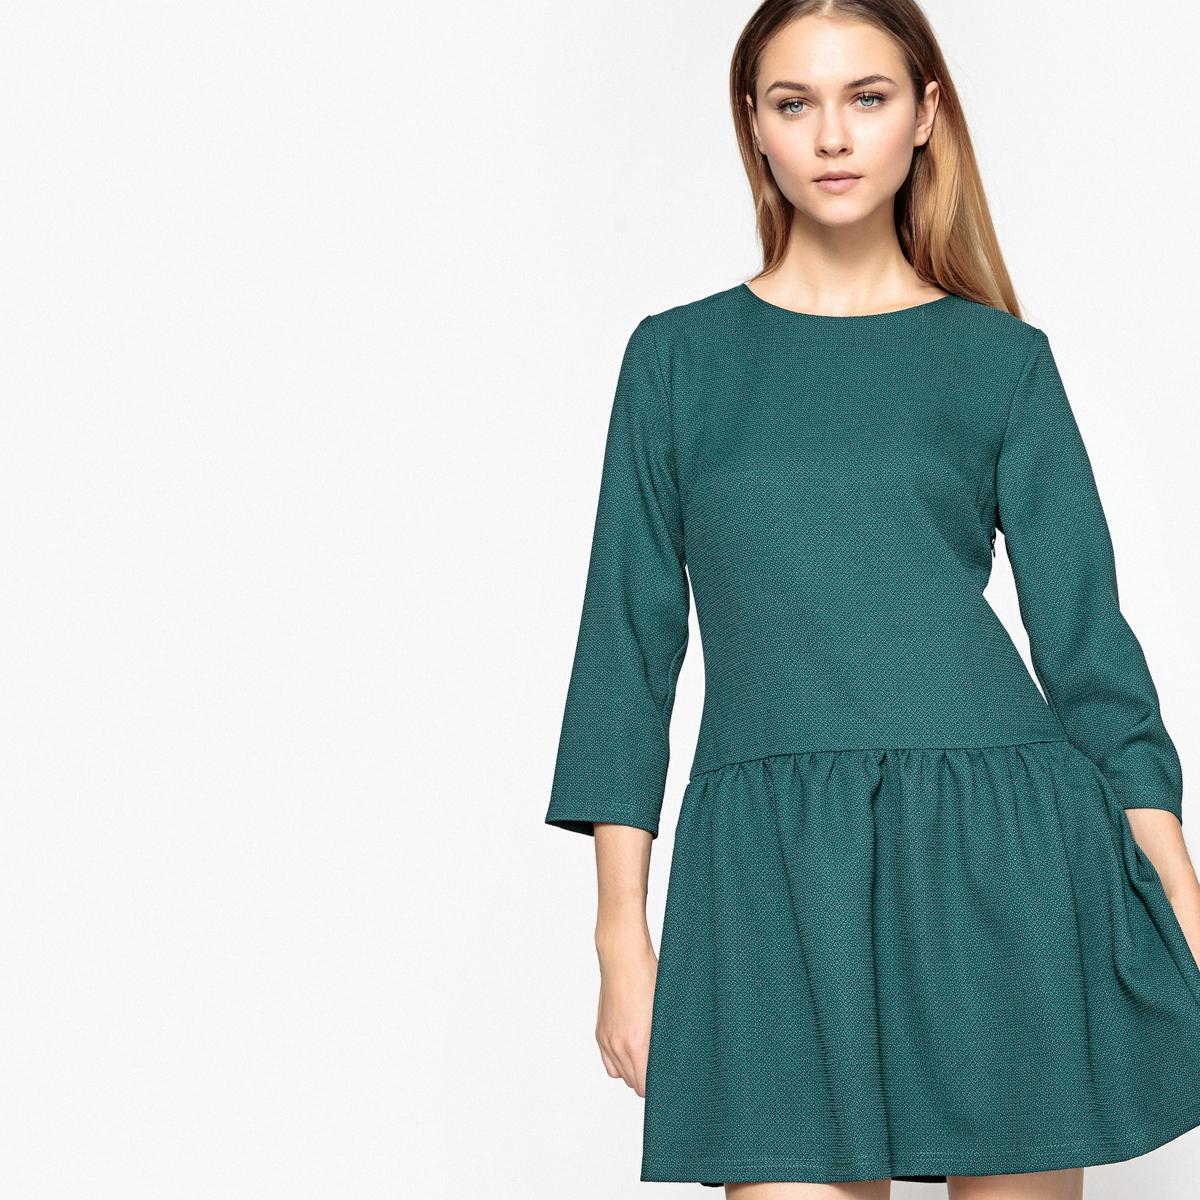 Платье однотонное расклешенного и короткого покроя с рукавами 3/4Детали •  Форма : расклешенная •  Укороченная модель •  Рукава 3/4    •  Круглый вырез Состав и уход •  5% эластана, 95% полиэстера  •  Следуйте рекомендациям по уходу, указанным на этикетке изделия<br><br>Цвет: сине-зеленый